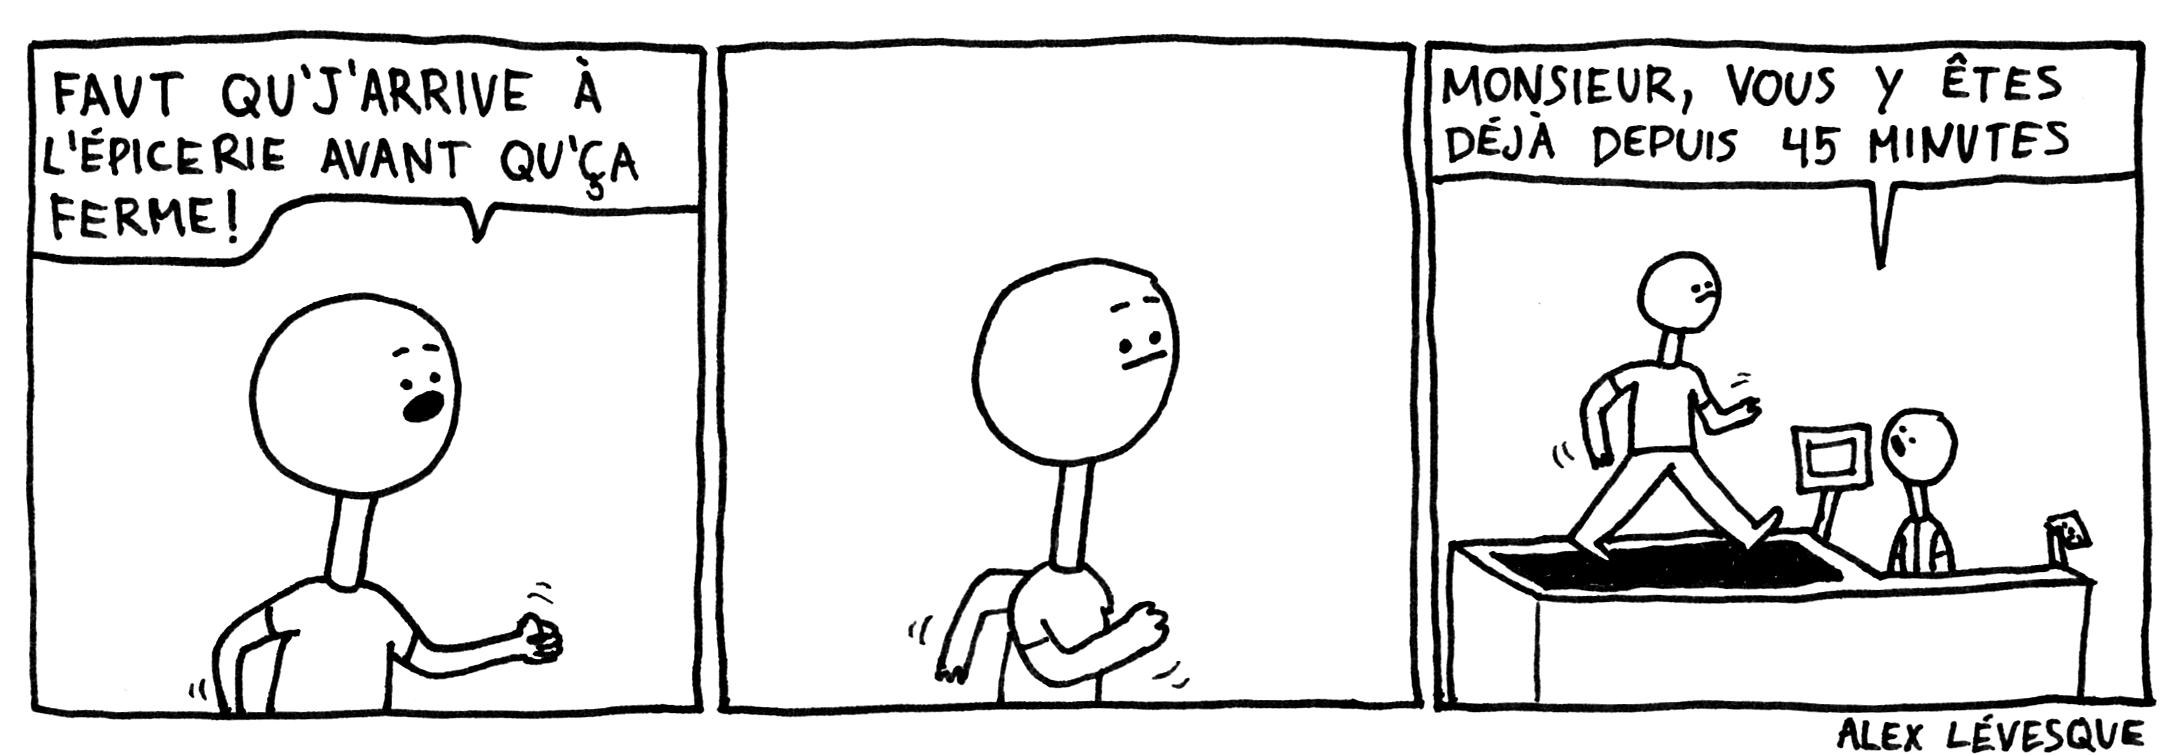 Épicerie